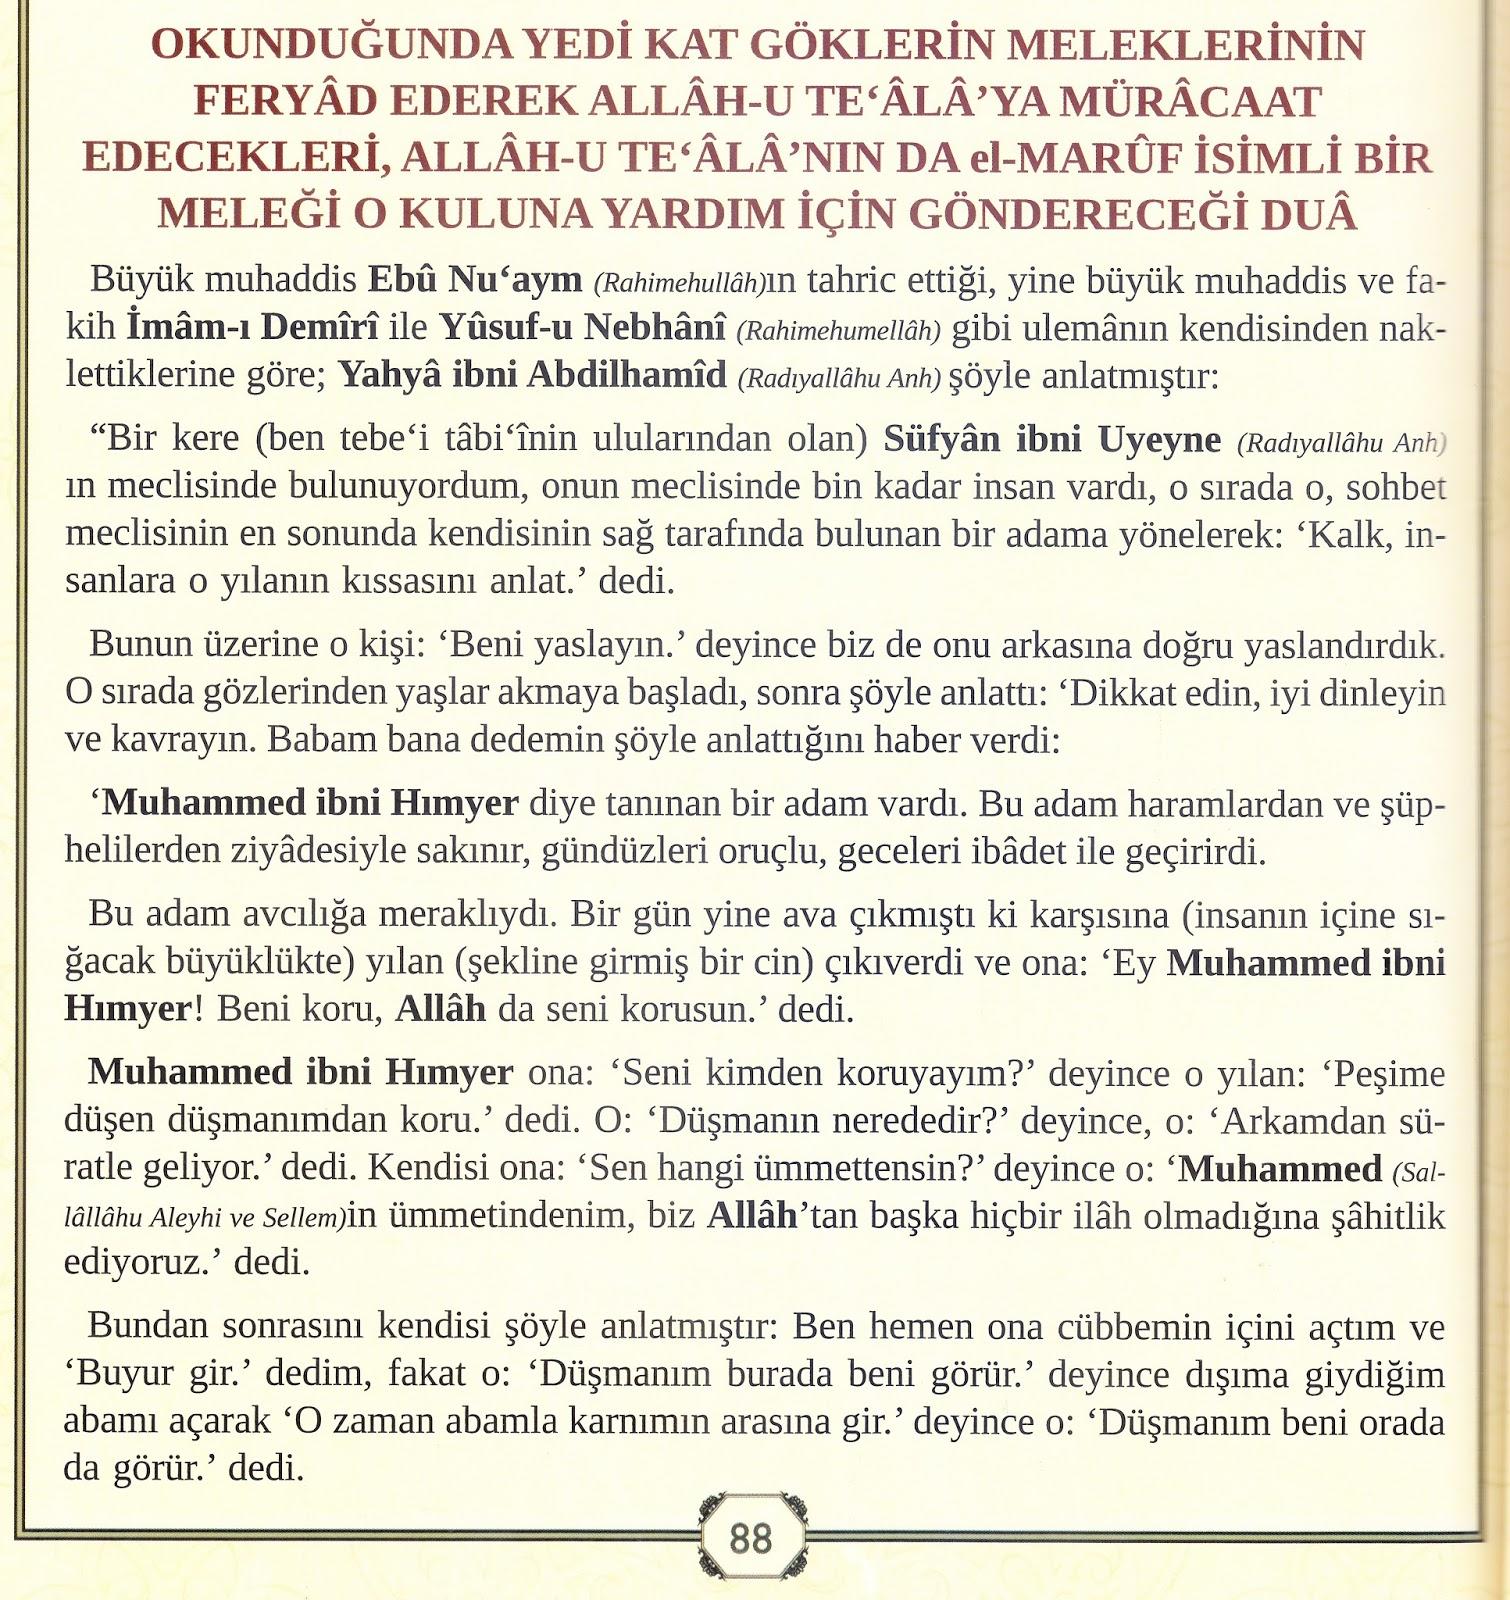 Allâh-u Teâlânın el-Maruf İsimli Bir Melekle Yardım Göndereceği Dua